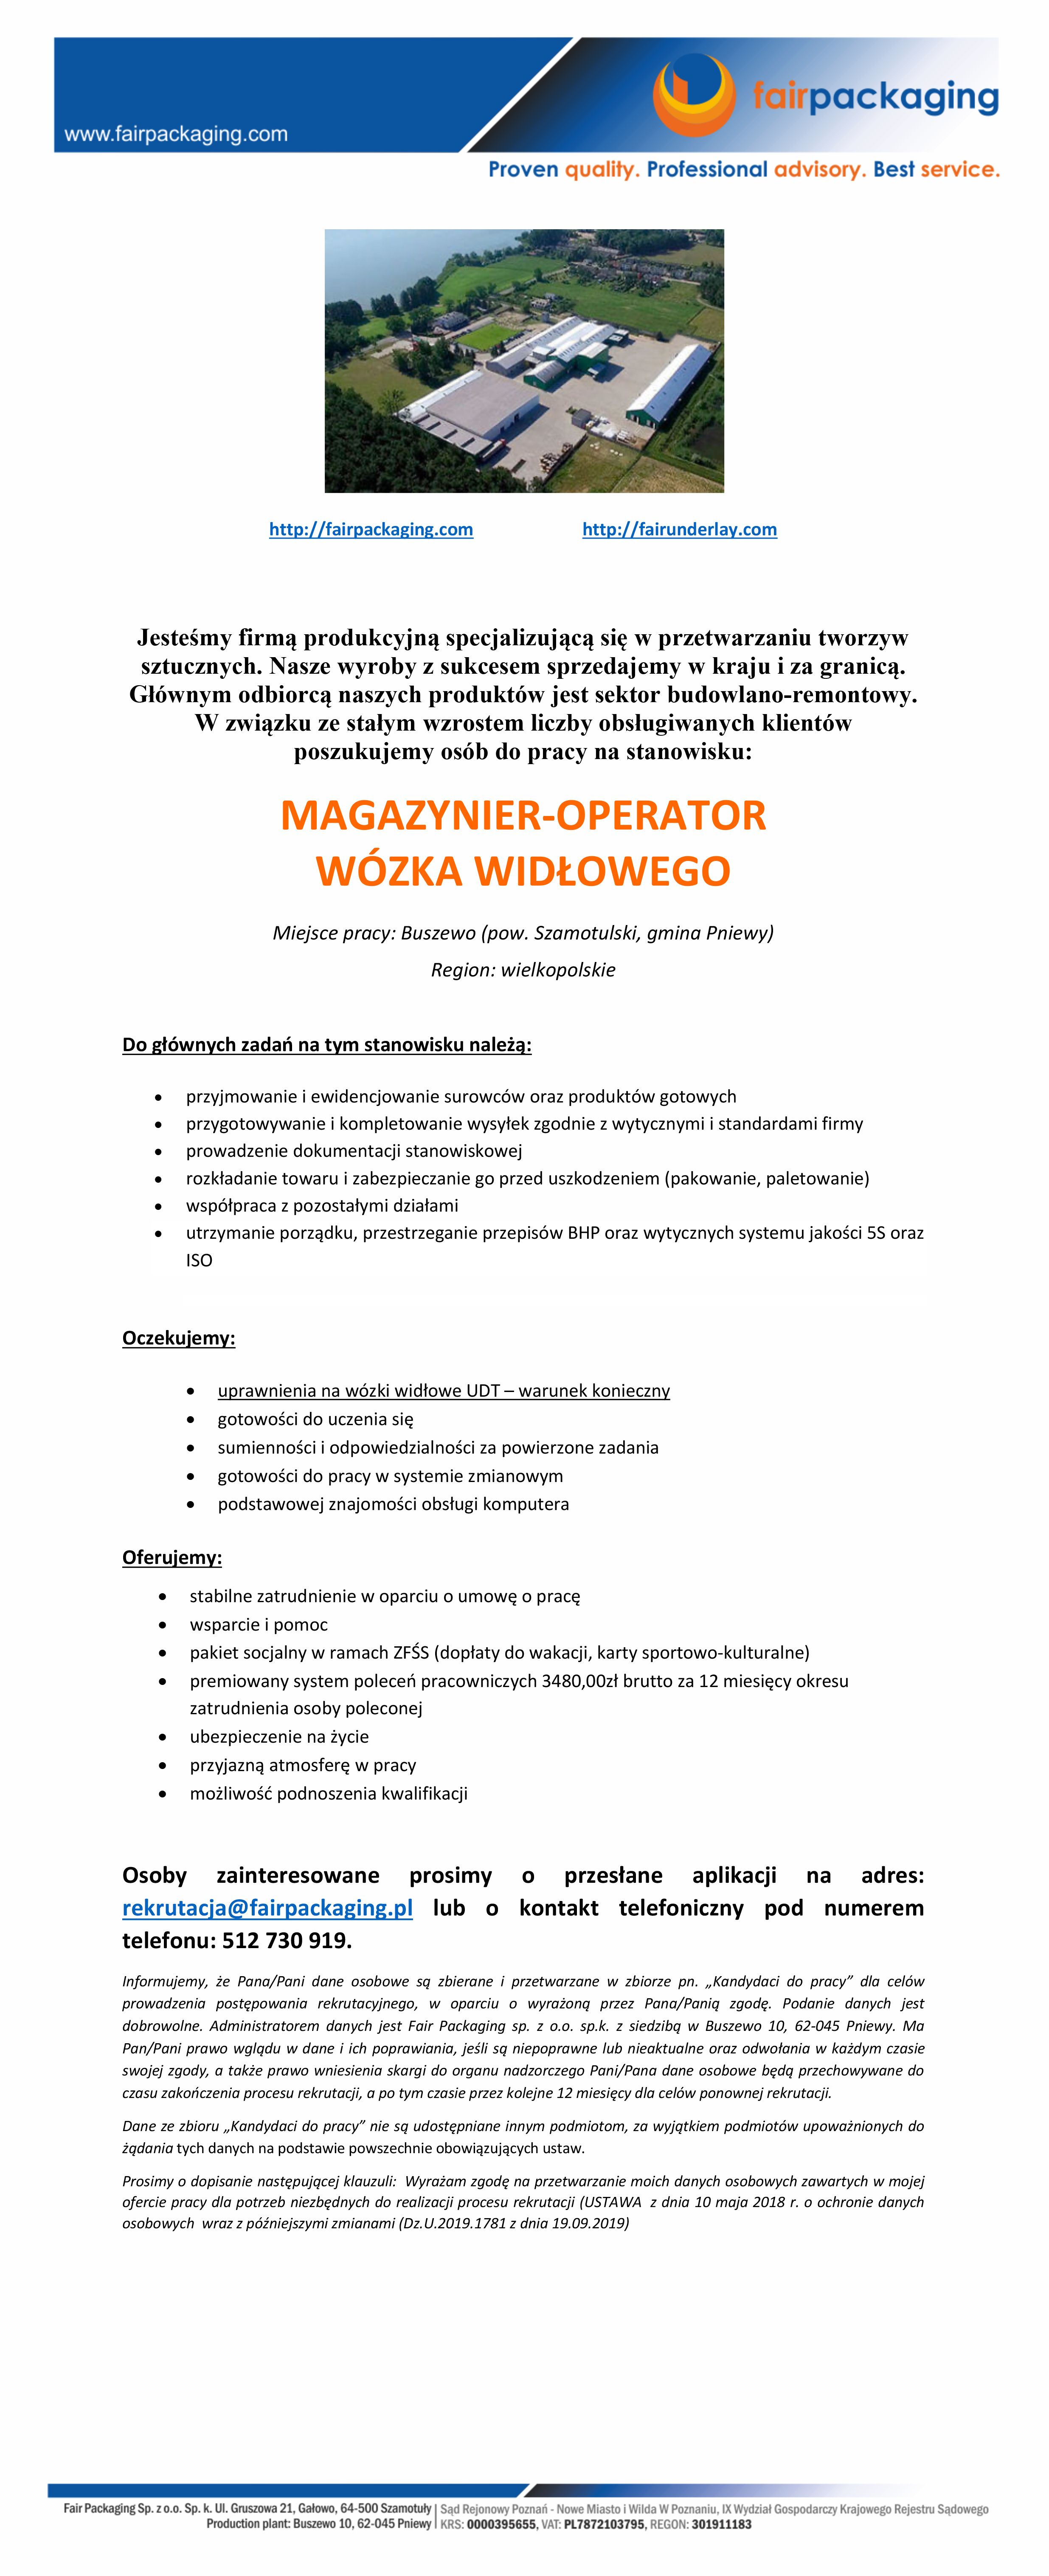 Praca dla magazyniera / operatora wózka widłowego